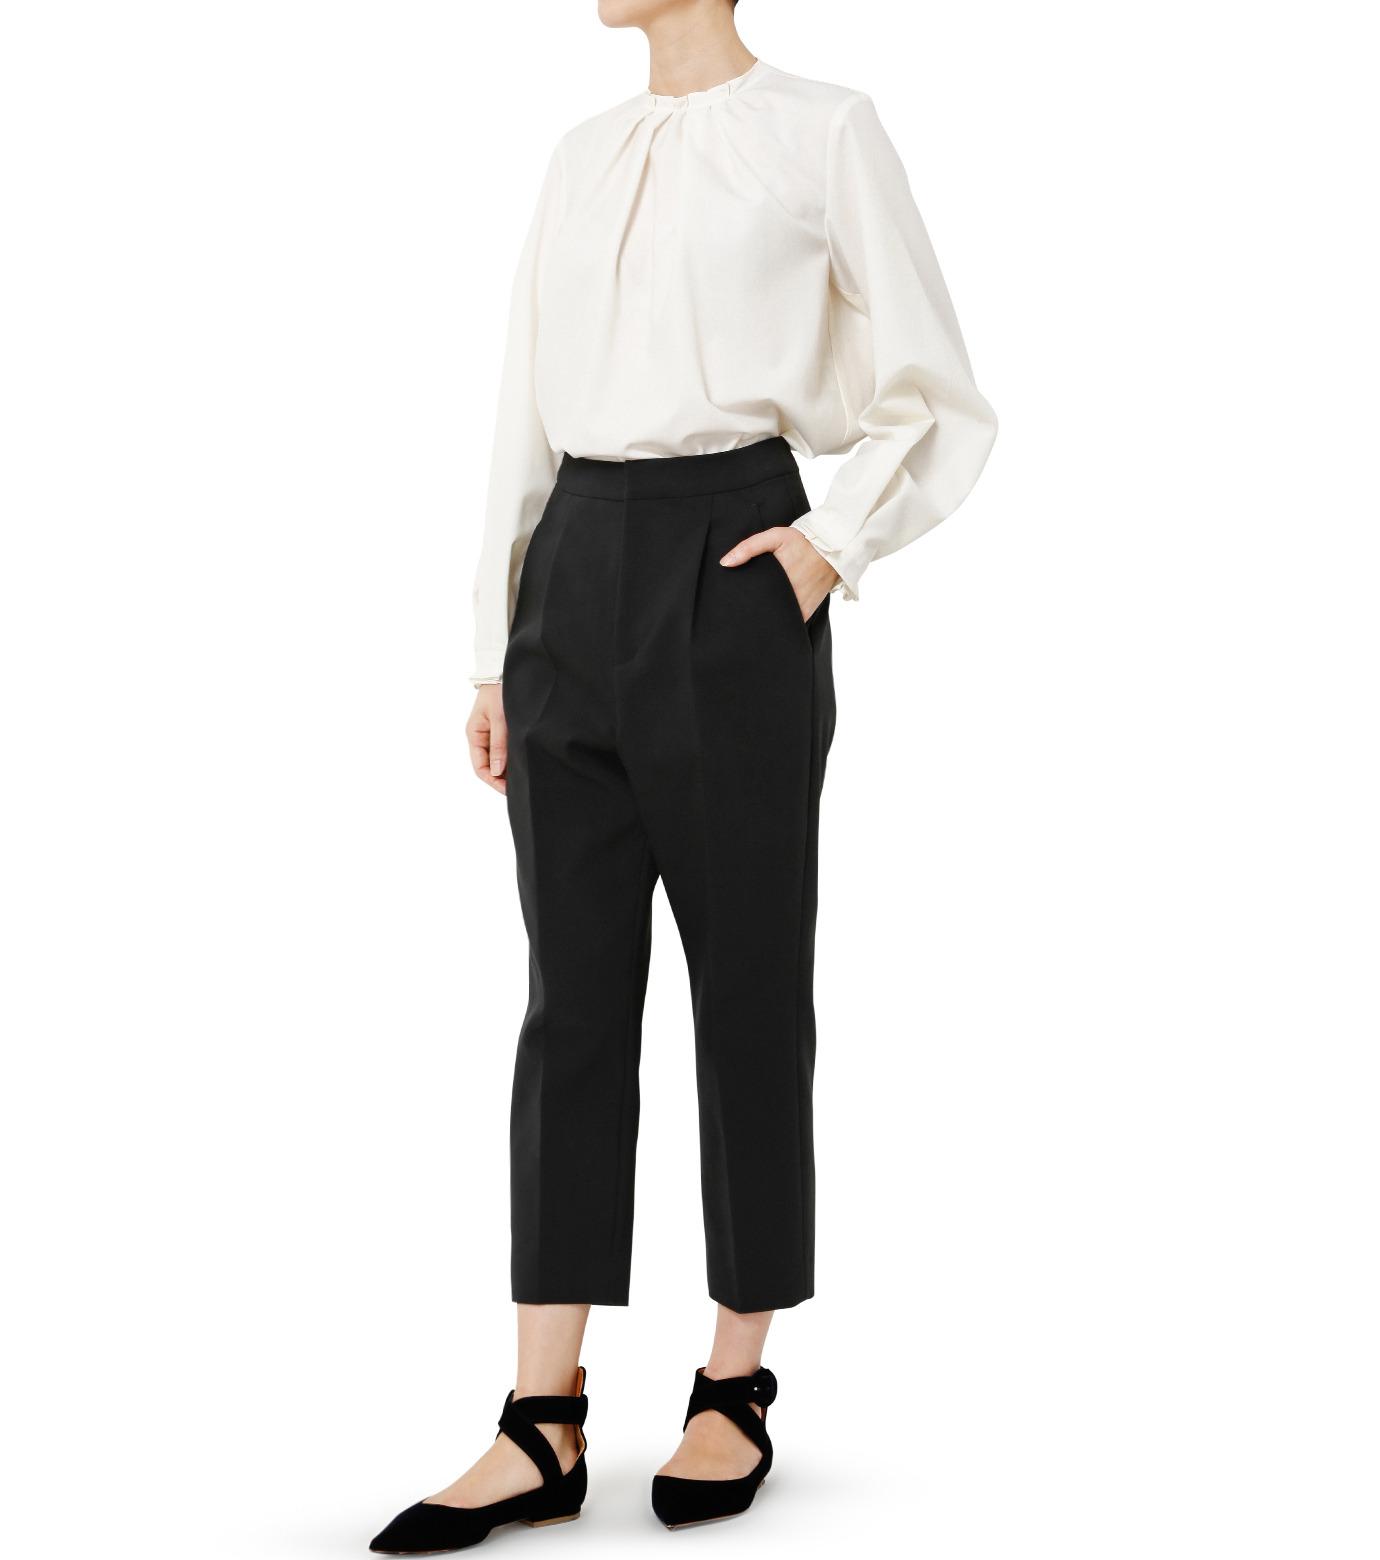 LE CIEL BLEU(ルシェルブルー)のクロップルーズパンツ-BLACK(パンツ/pants)-19S68102 拡大詳細画像2